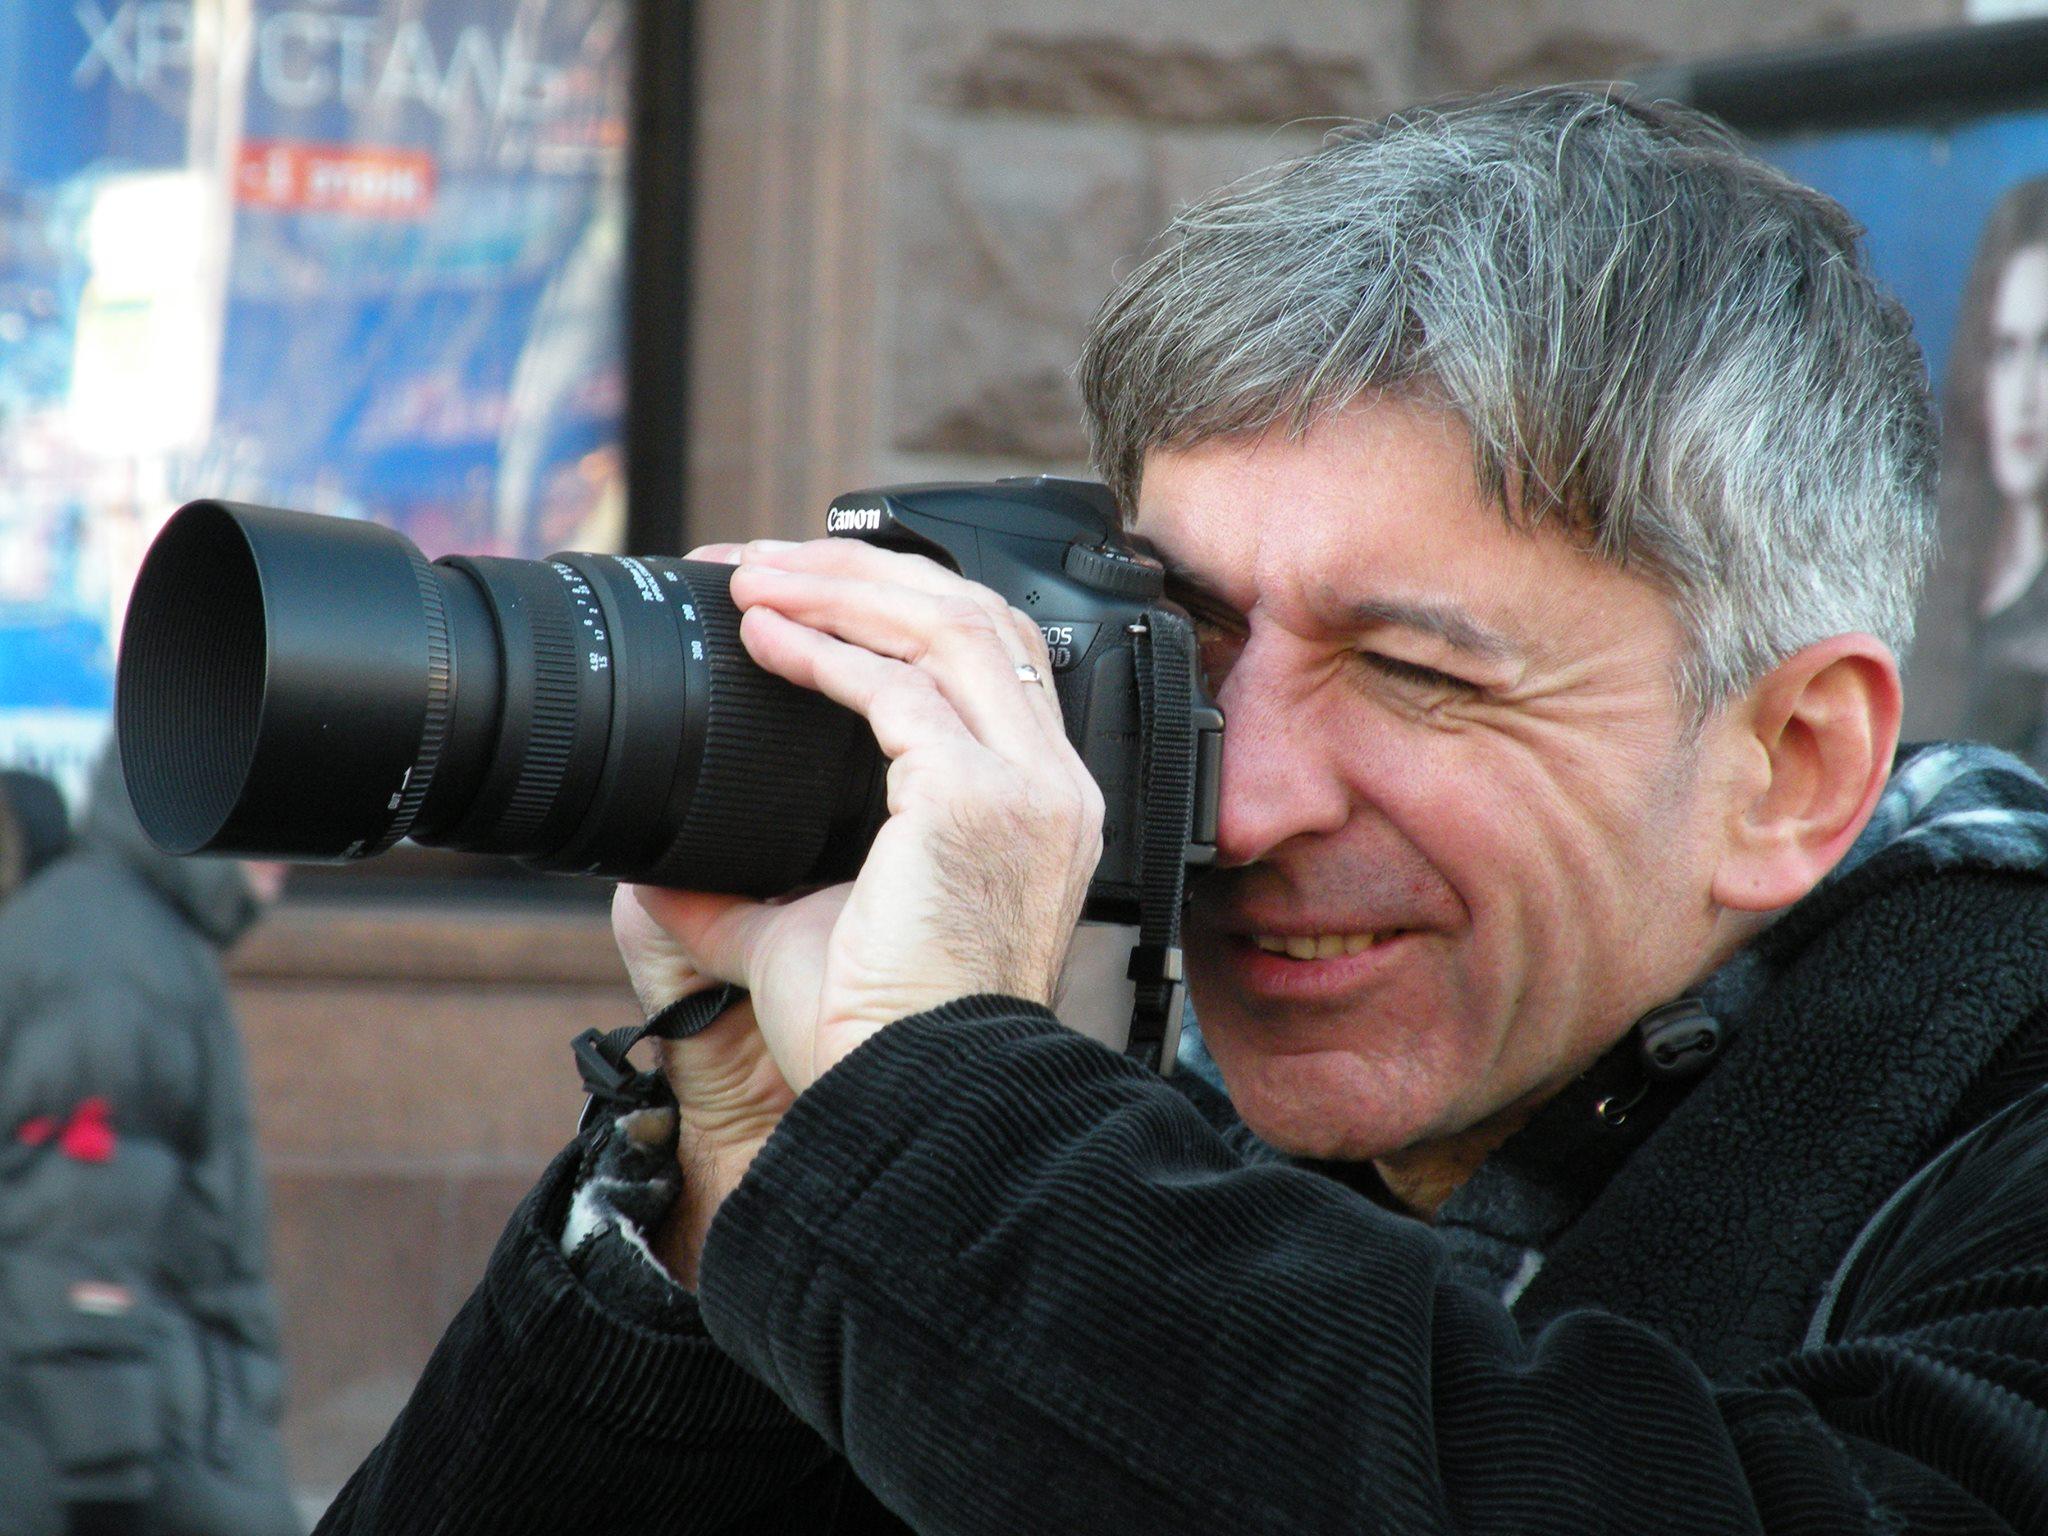 """Ростислав Шпук: Фото – це можливість запросити інших людей на """"сеанс власного способу бачення"""" 2"""